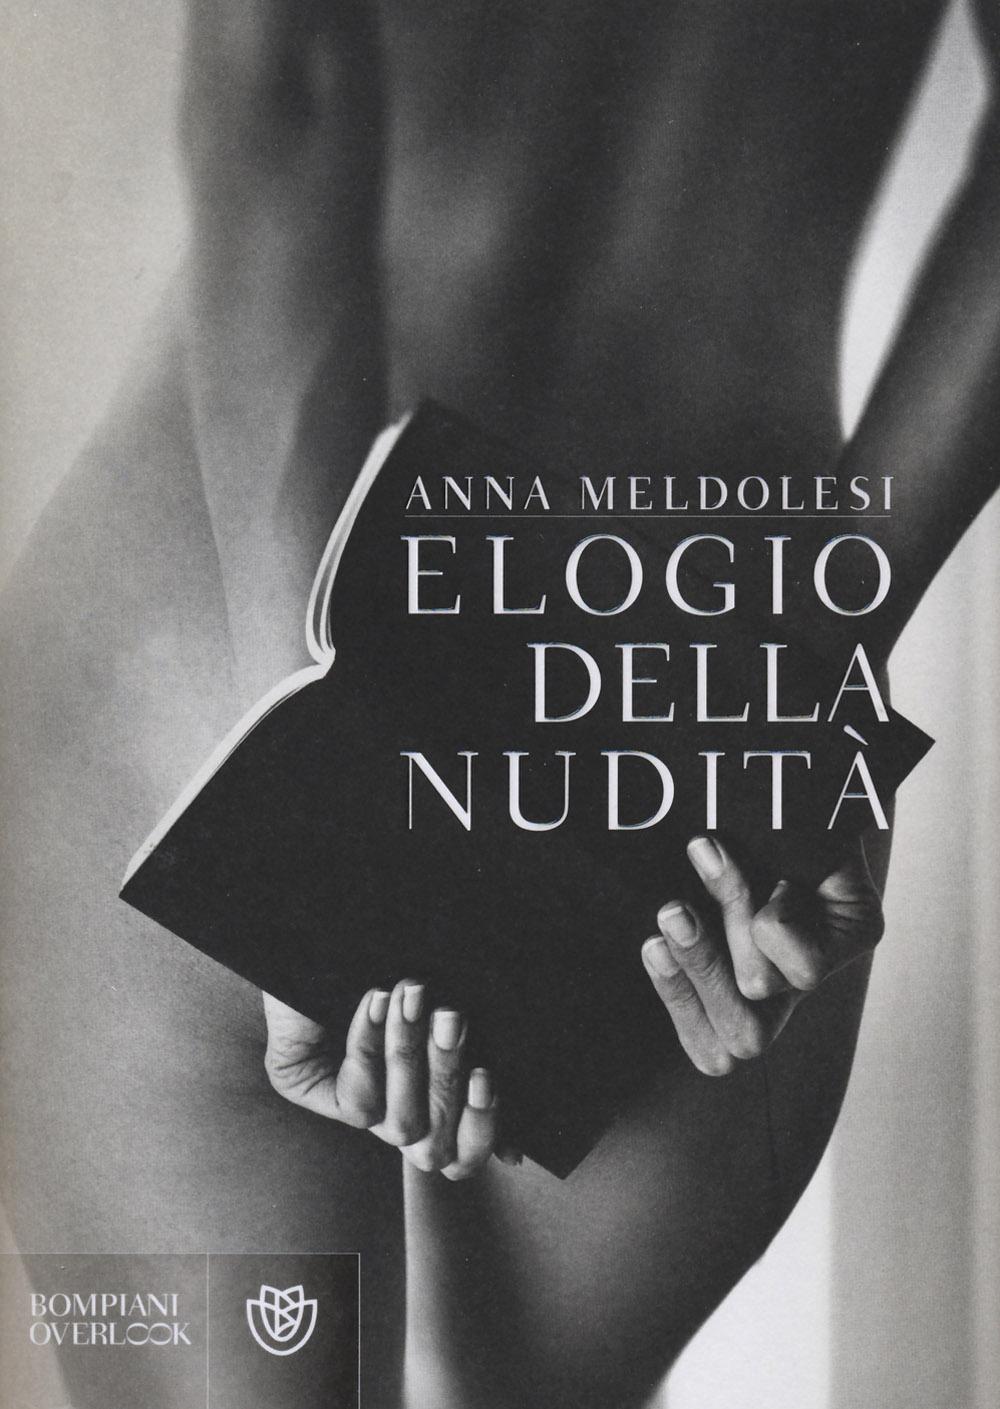 Elogio della nudità